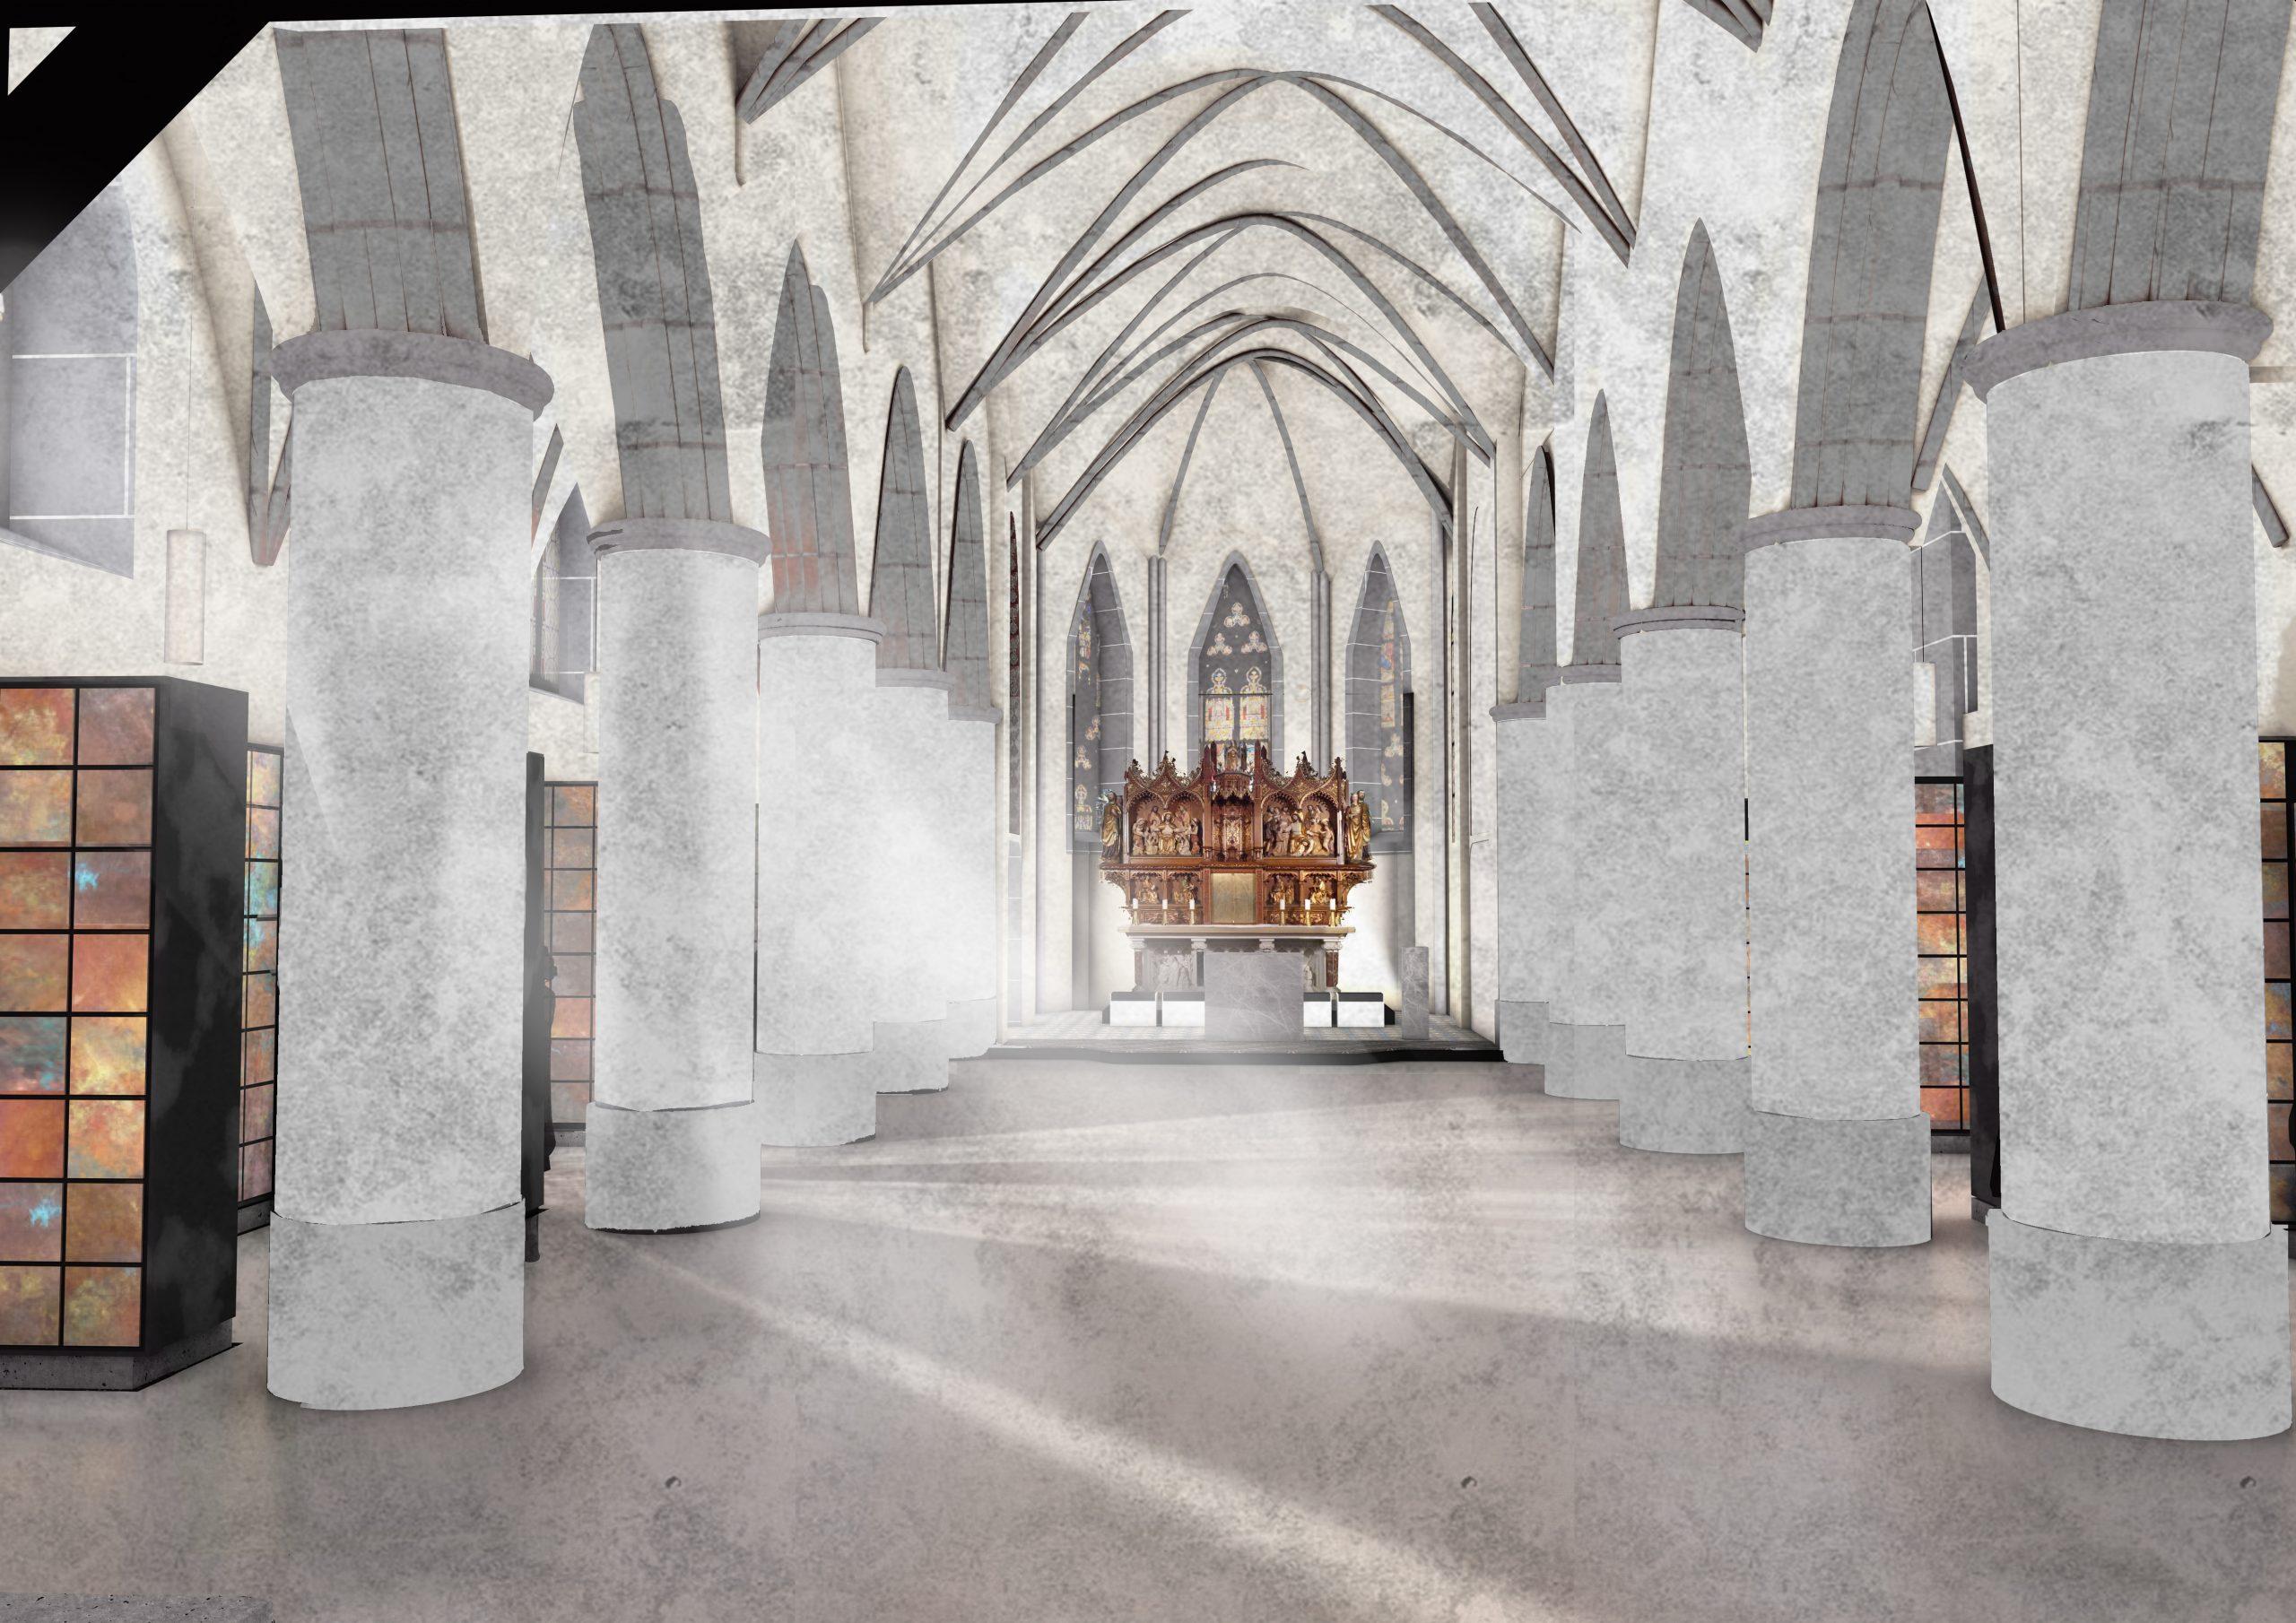 St. Anton Grabeskirche